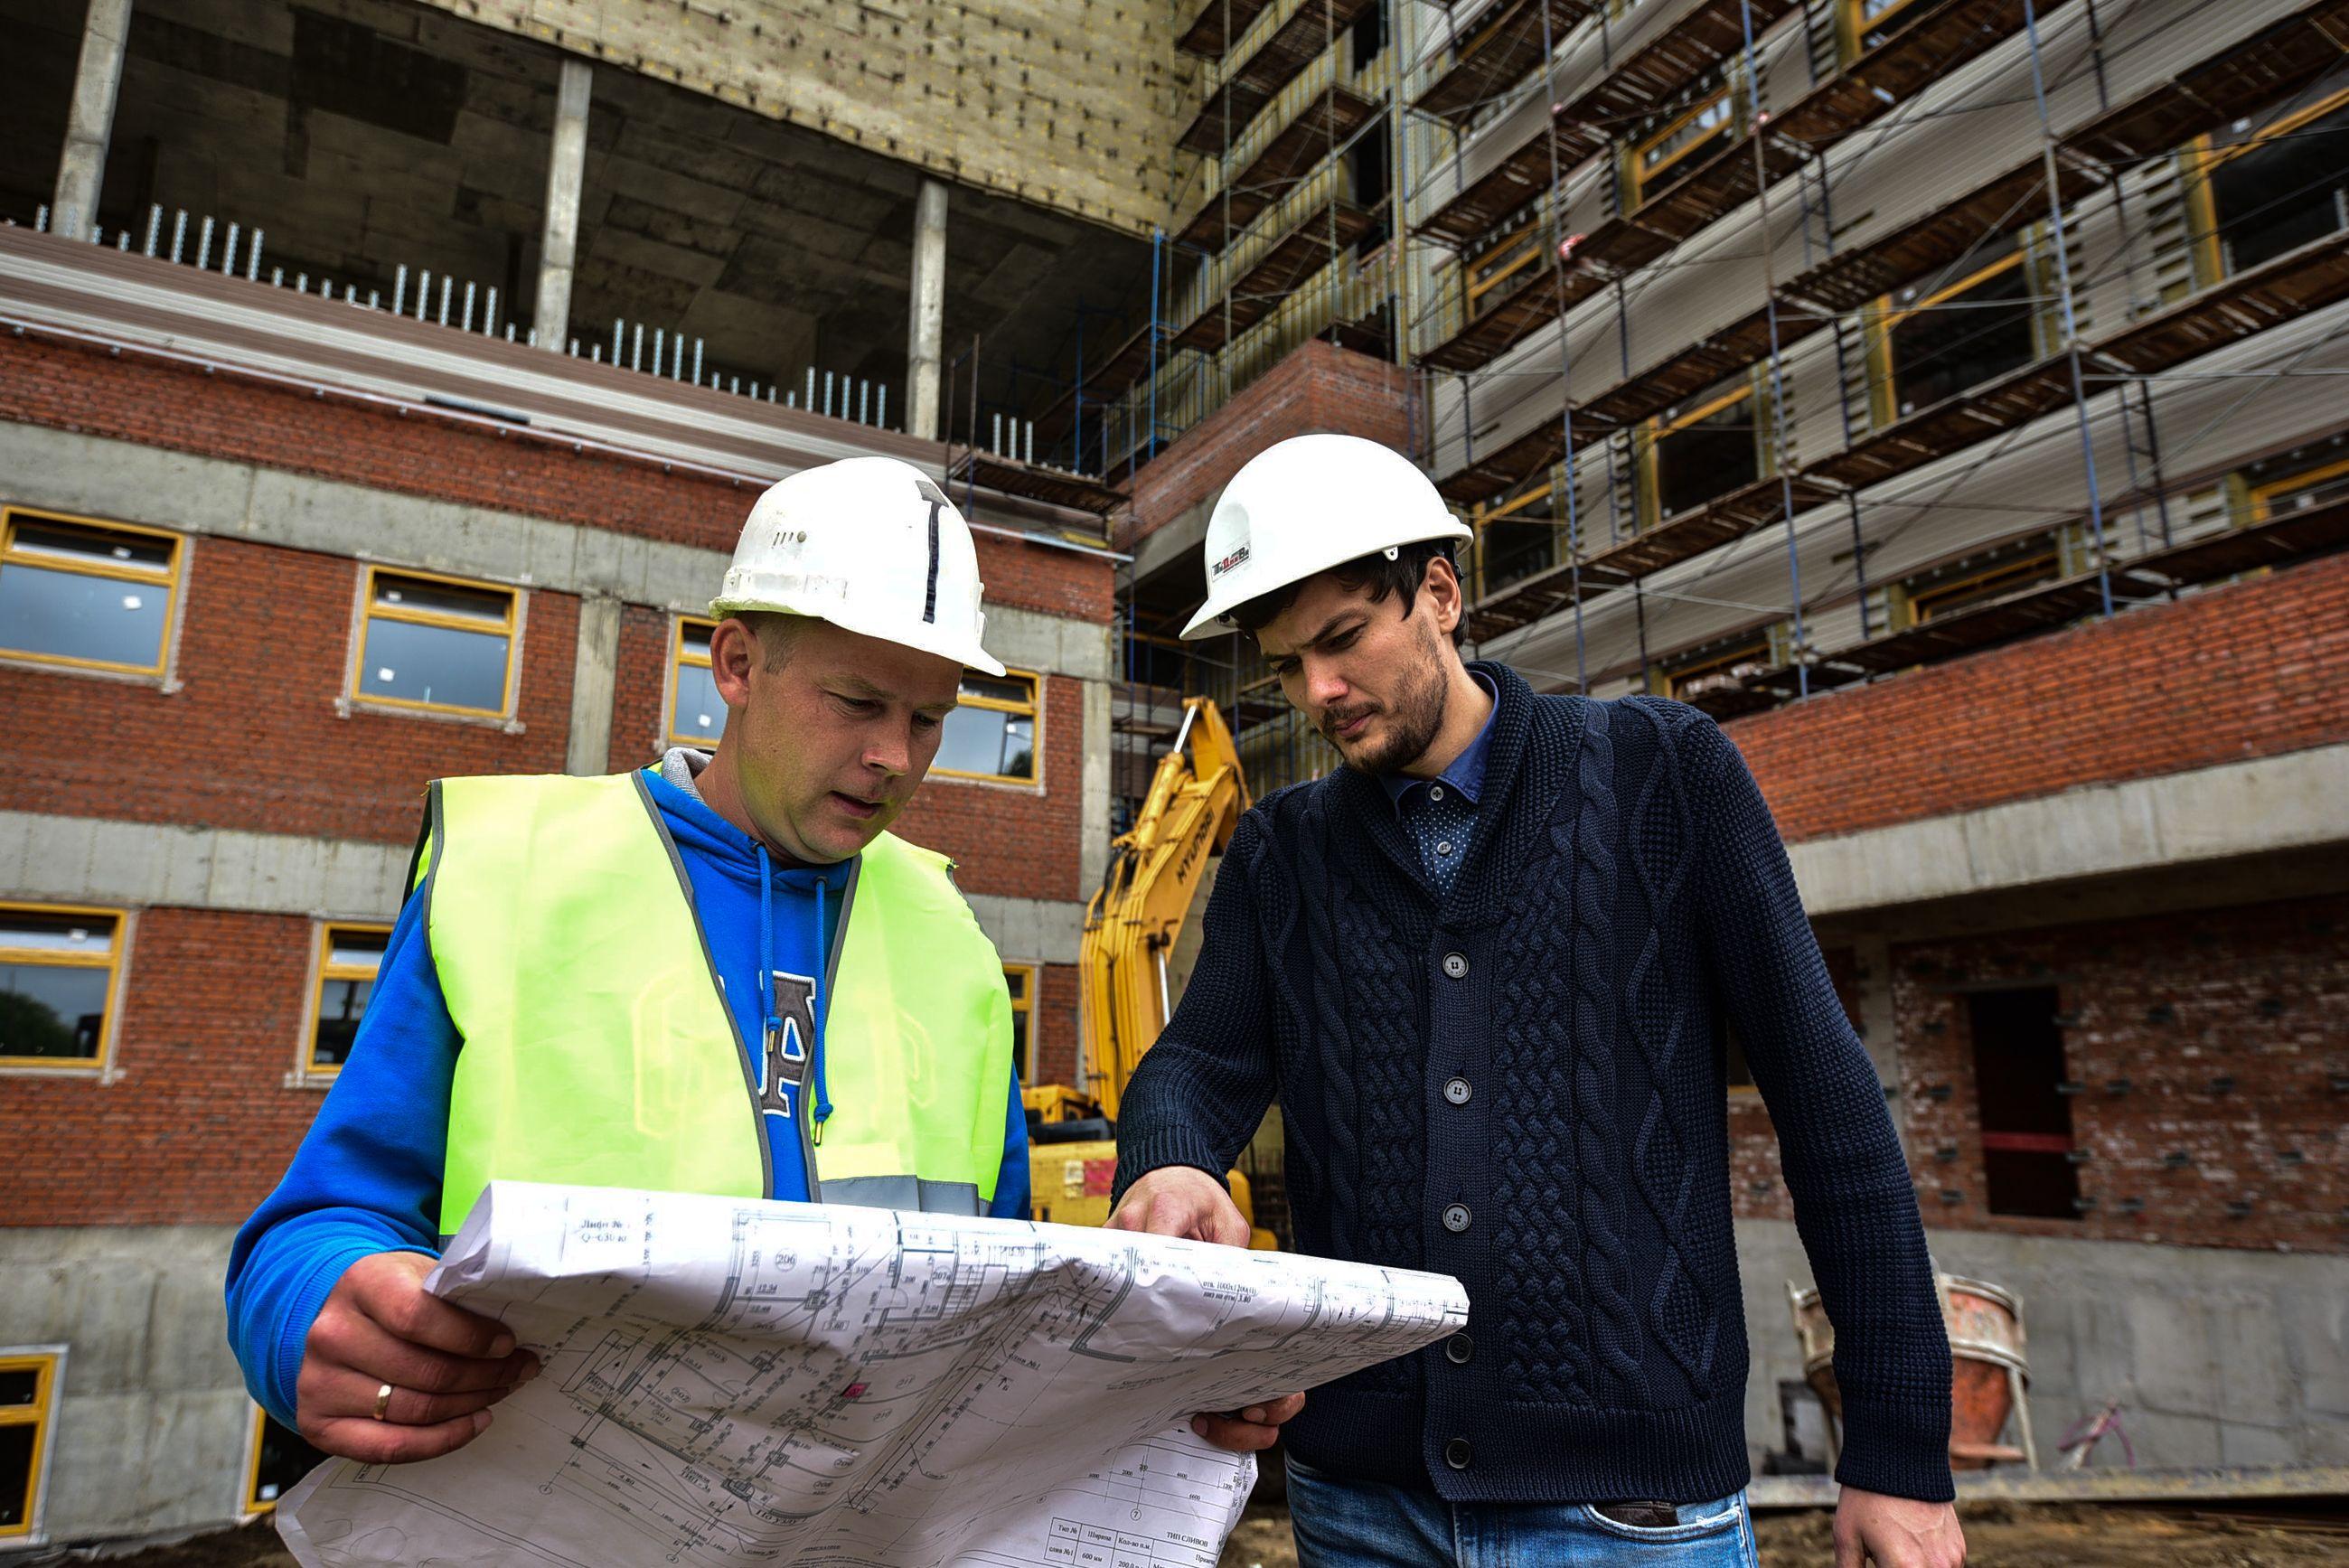 В Москве стартовал конкурс мастеров строительной отрасли